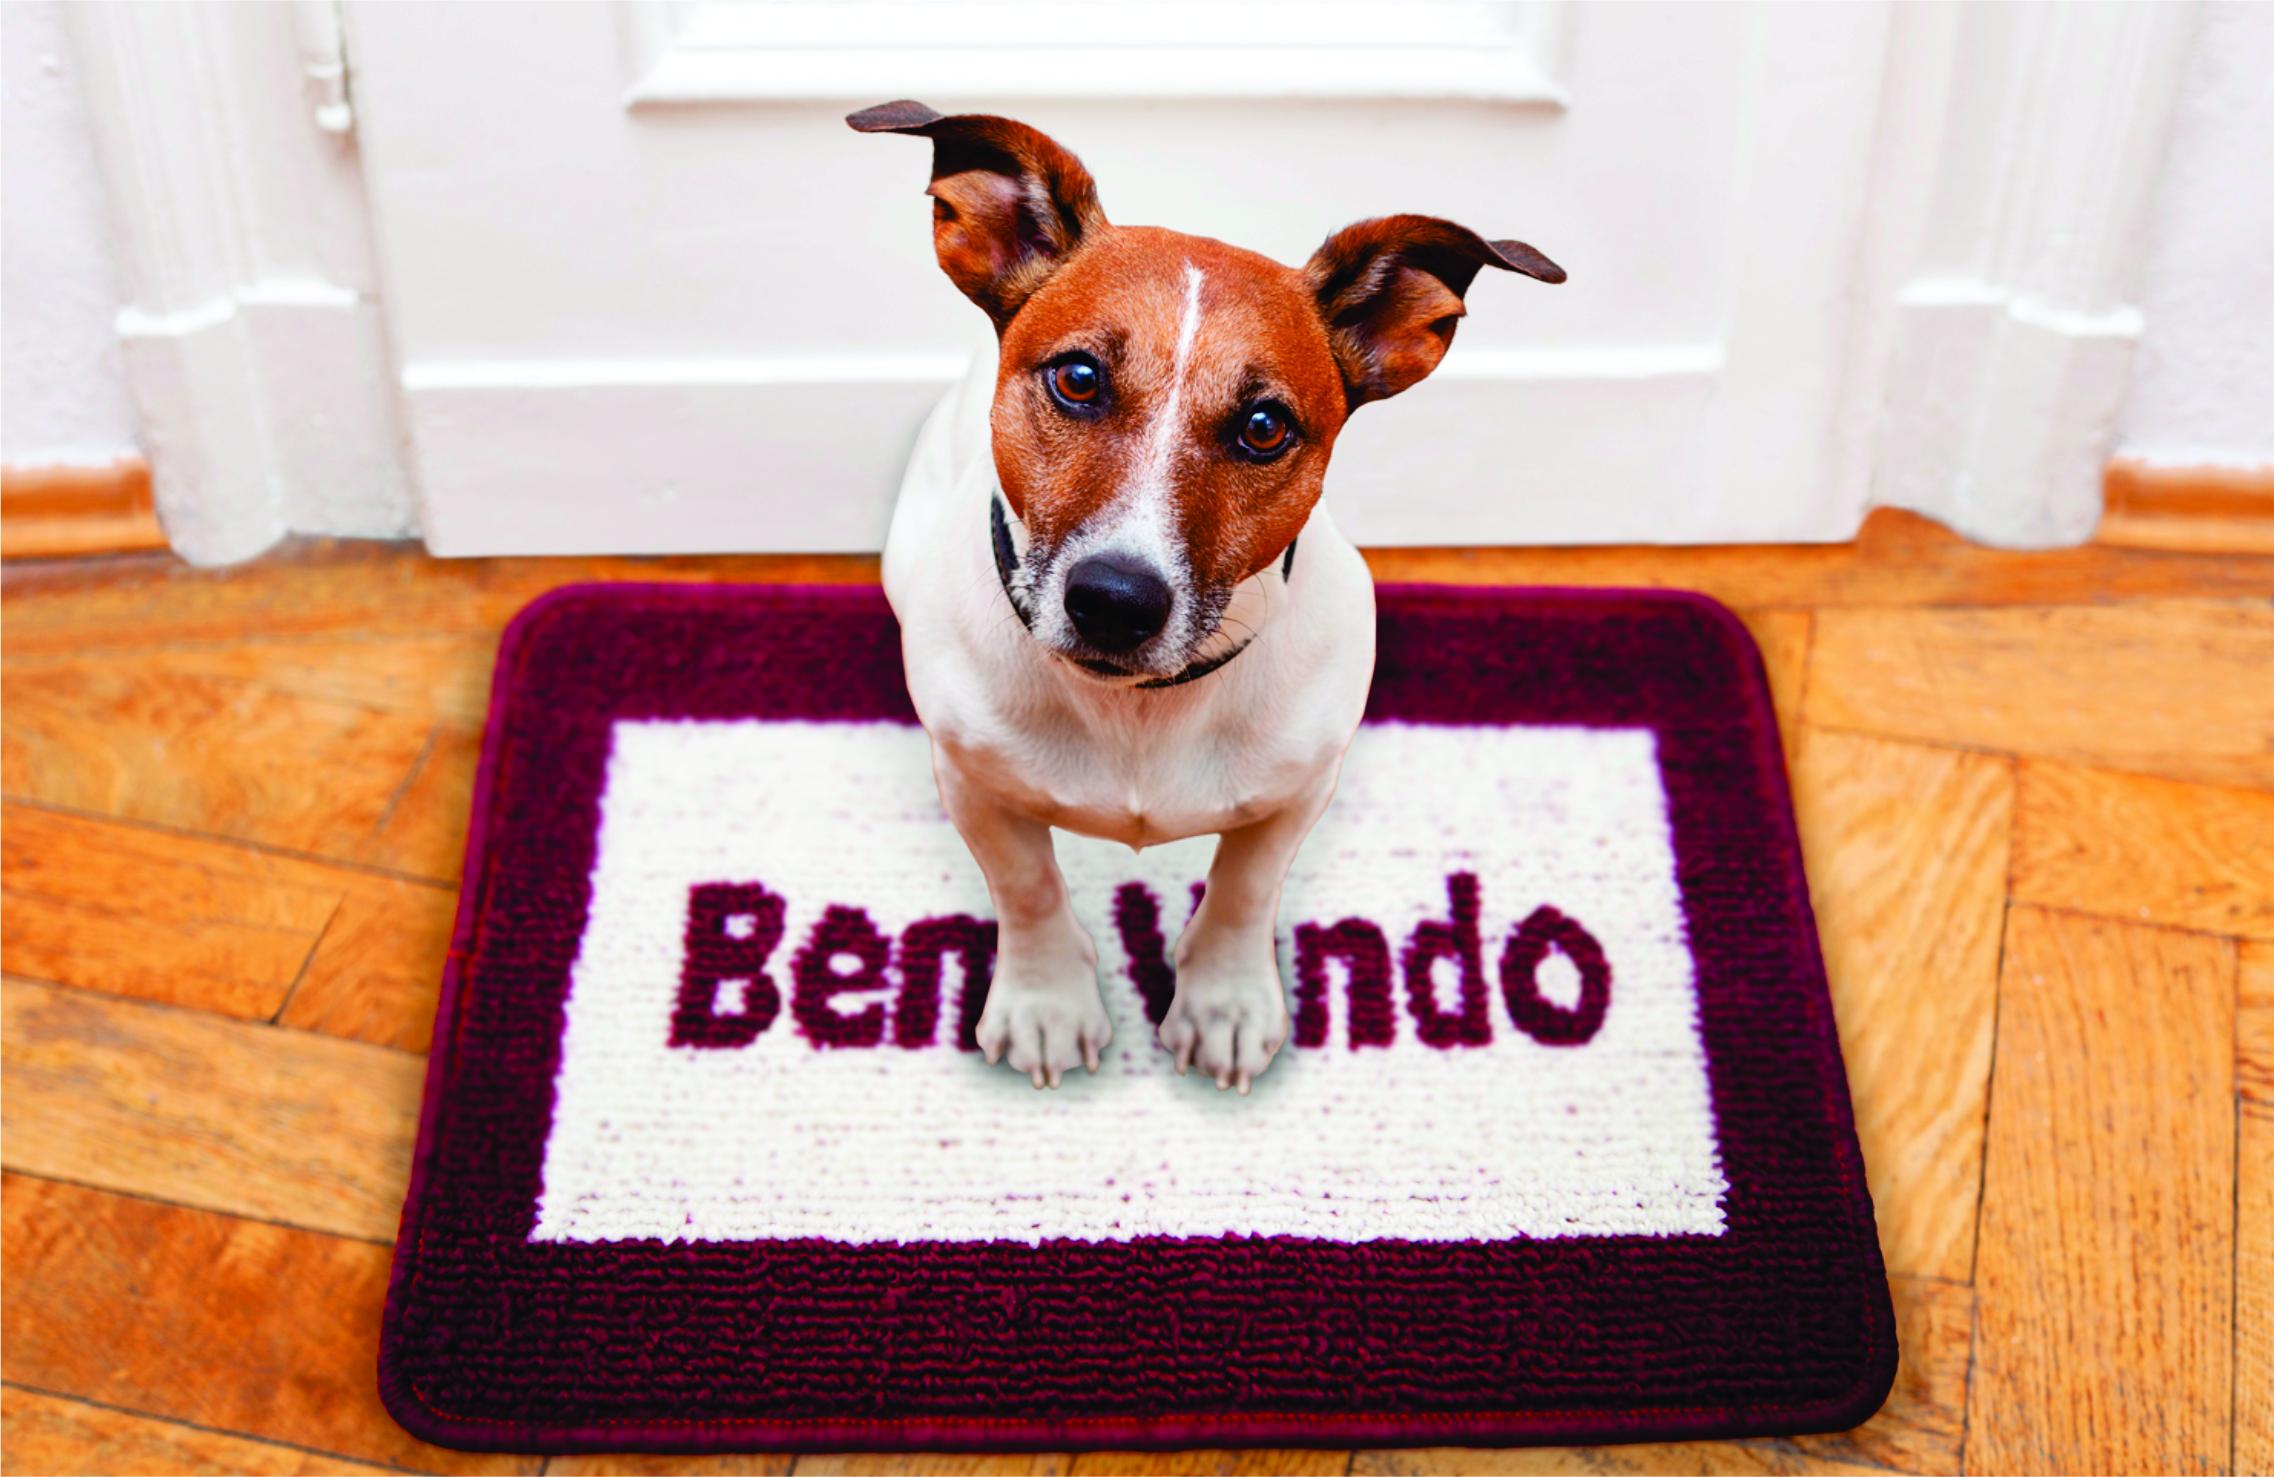 A imagem mostra um cãozinho com o corpo branco e o rosto marrom olhando para a câmera. Ele está sentado sob um tapete de entrada da Astra na cor bordô.